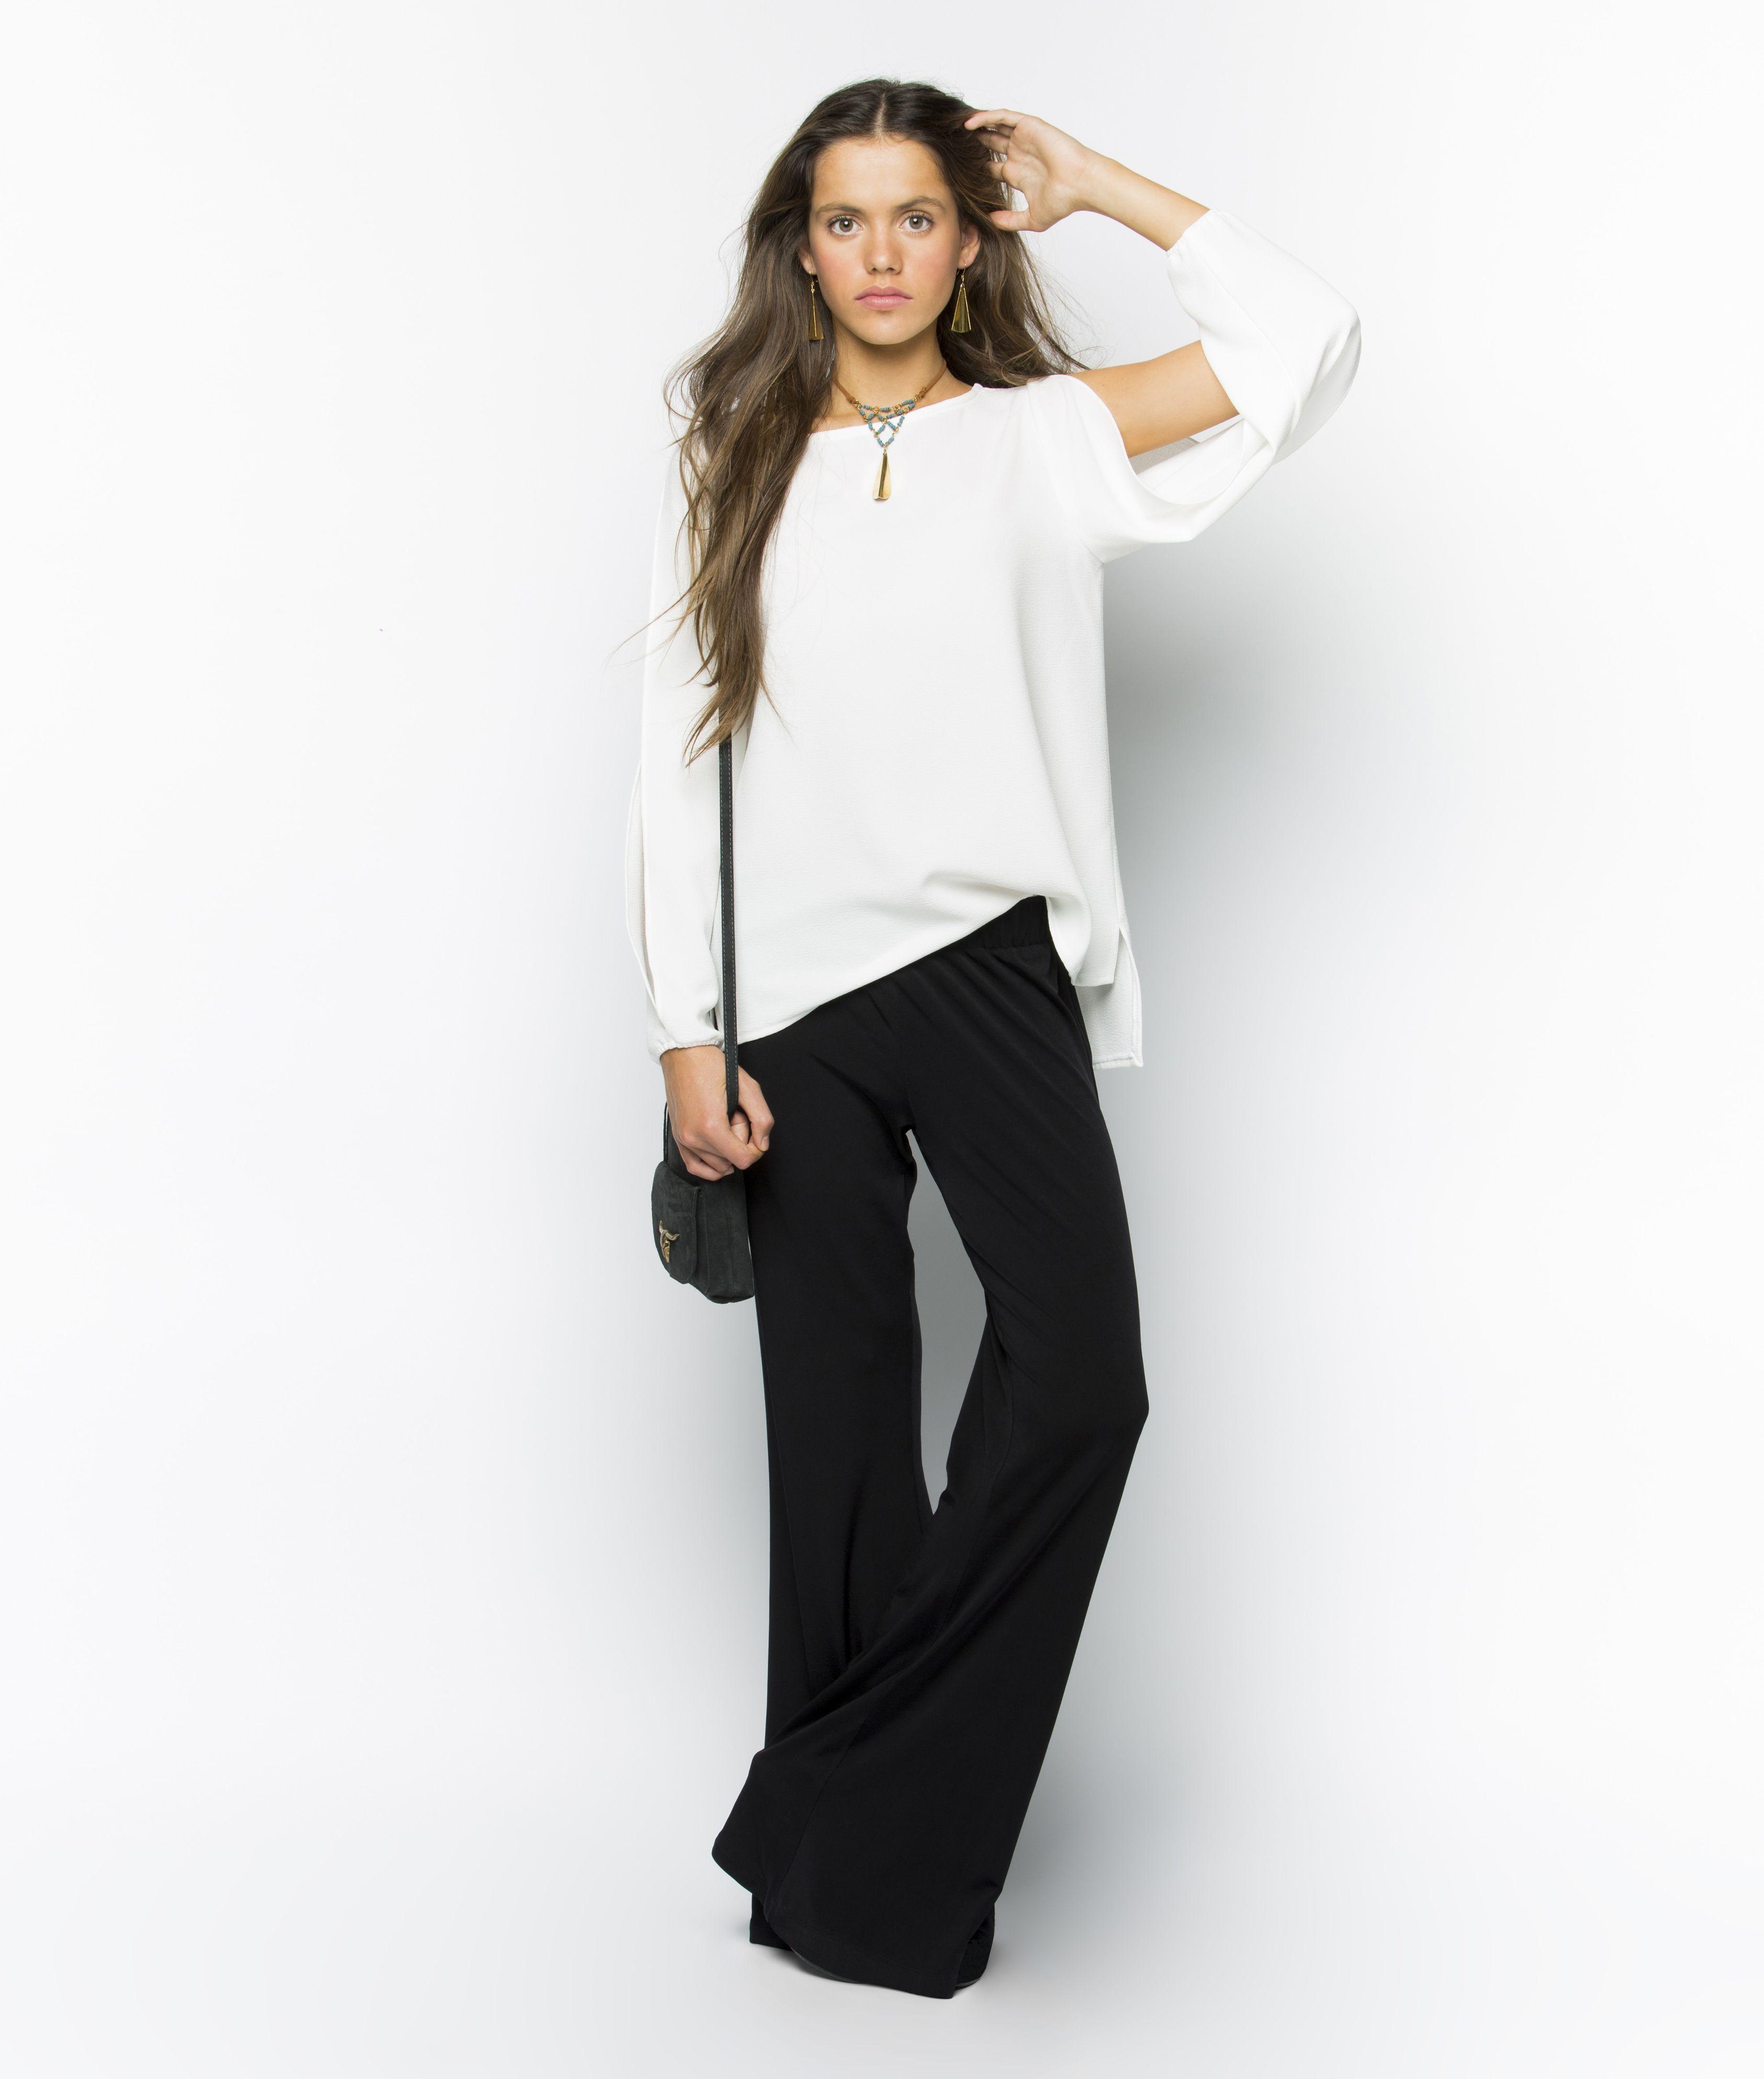 e25fbb09741  Colección  Primavera-  Verano Maxi disponible en nuestra tienda online  www.nicoli.es Te esperamos!!!